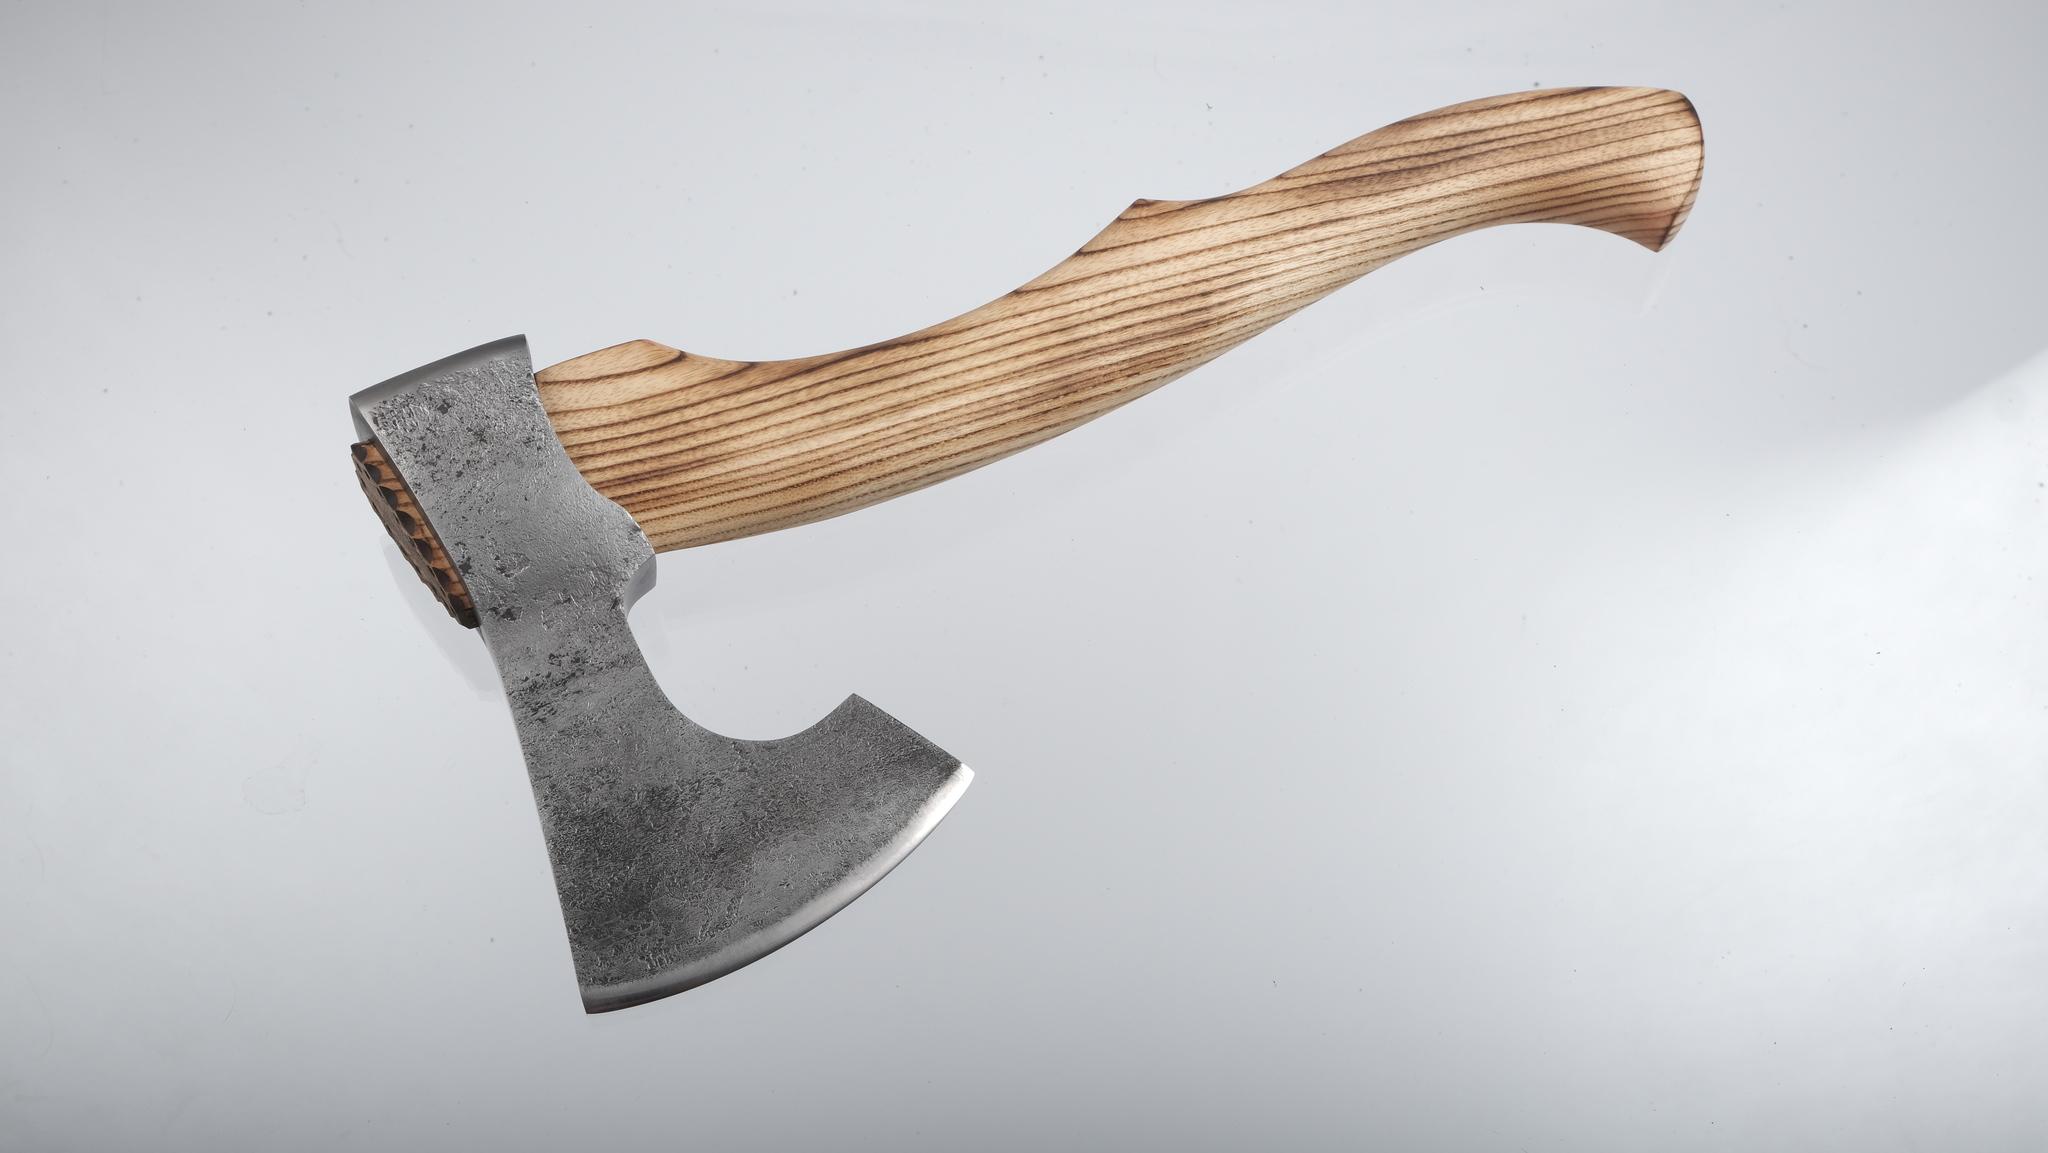 Фото 3 - Топор модель №10, Мастерская Ваулина